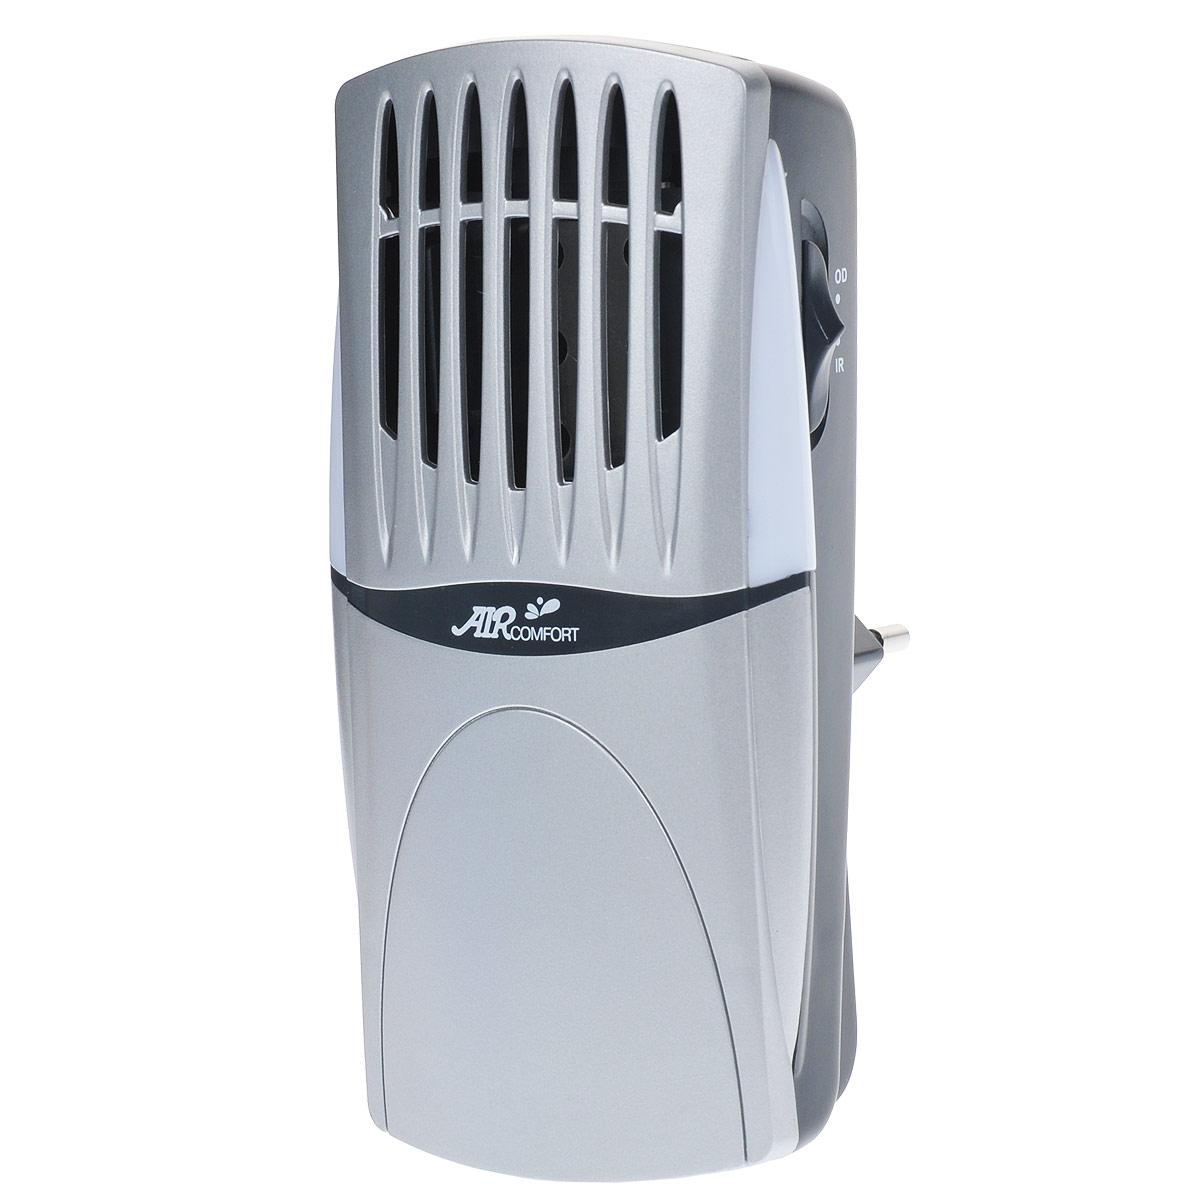 AirComfort GH-2160S воздухоочиститель00000000081AirComfort GH-2160S - идеальный освежитель воздуха и нейтрализатор запахов для ванных комнат, спален, гостиных, кладовых, стенных шкафов, лестничных клеток и других помещений небольшого размера. Электростатическая решетка задерживает самые мельчайшие загрязняющие частицы, содержащиеся в воздухе. Прибор имеет два режима работы: IR отрицательные ионы, OD активный кислород. Циркуляция чистого воздуха с запахом свежести обеспечивается электронным способом без движущихся деталей и шума. Чистый воздух несет с собой устойчивый поток очищающего озона, нейтрализующего запахи в самом начале их возникновения. Встроенный светодиод можно использовать в качестве ночного освещения. А беспроводной штепсель позволяет установить очиститель непосредственно в розетку.Образование отрицательных ионов: >=1х103/см3Концентрация активного кислорода: < 0,05 ppm мг/м3